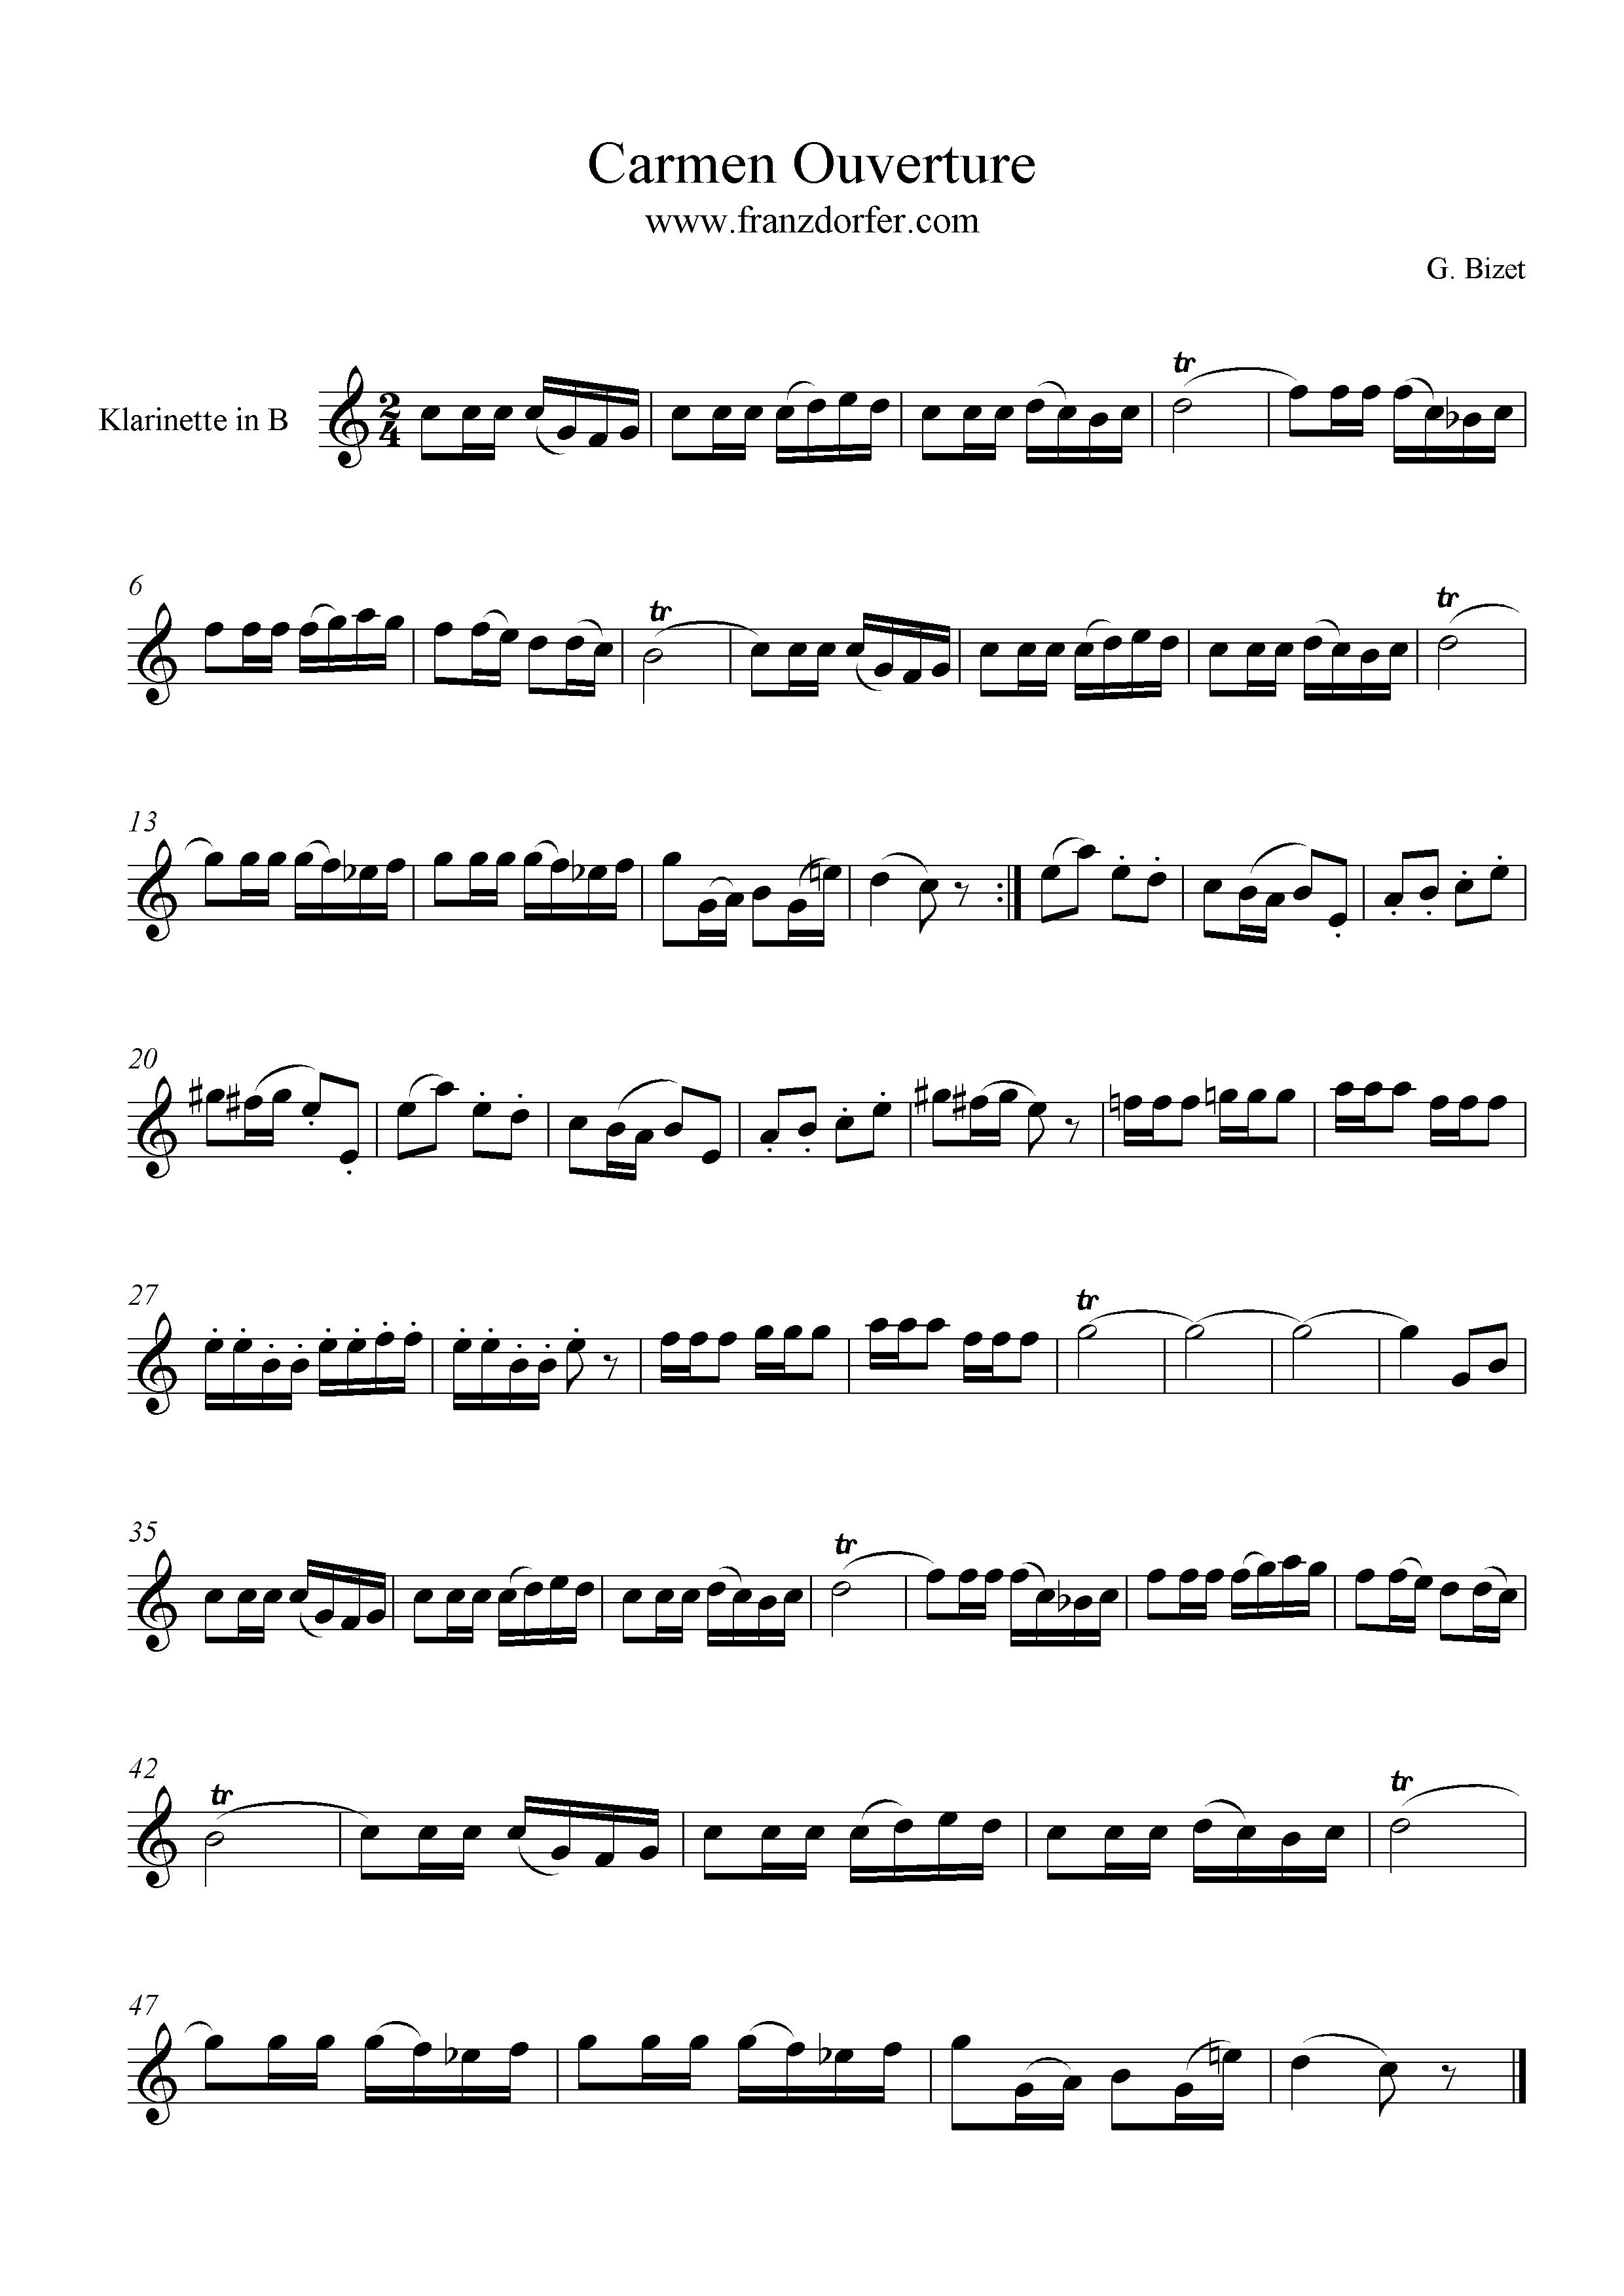 Clarinet Carmen Ouverture